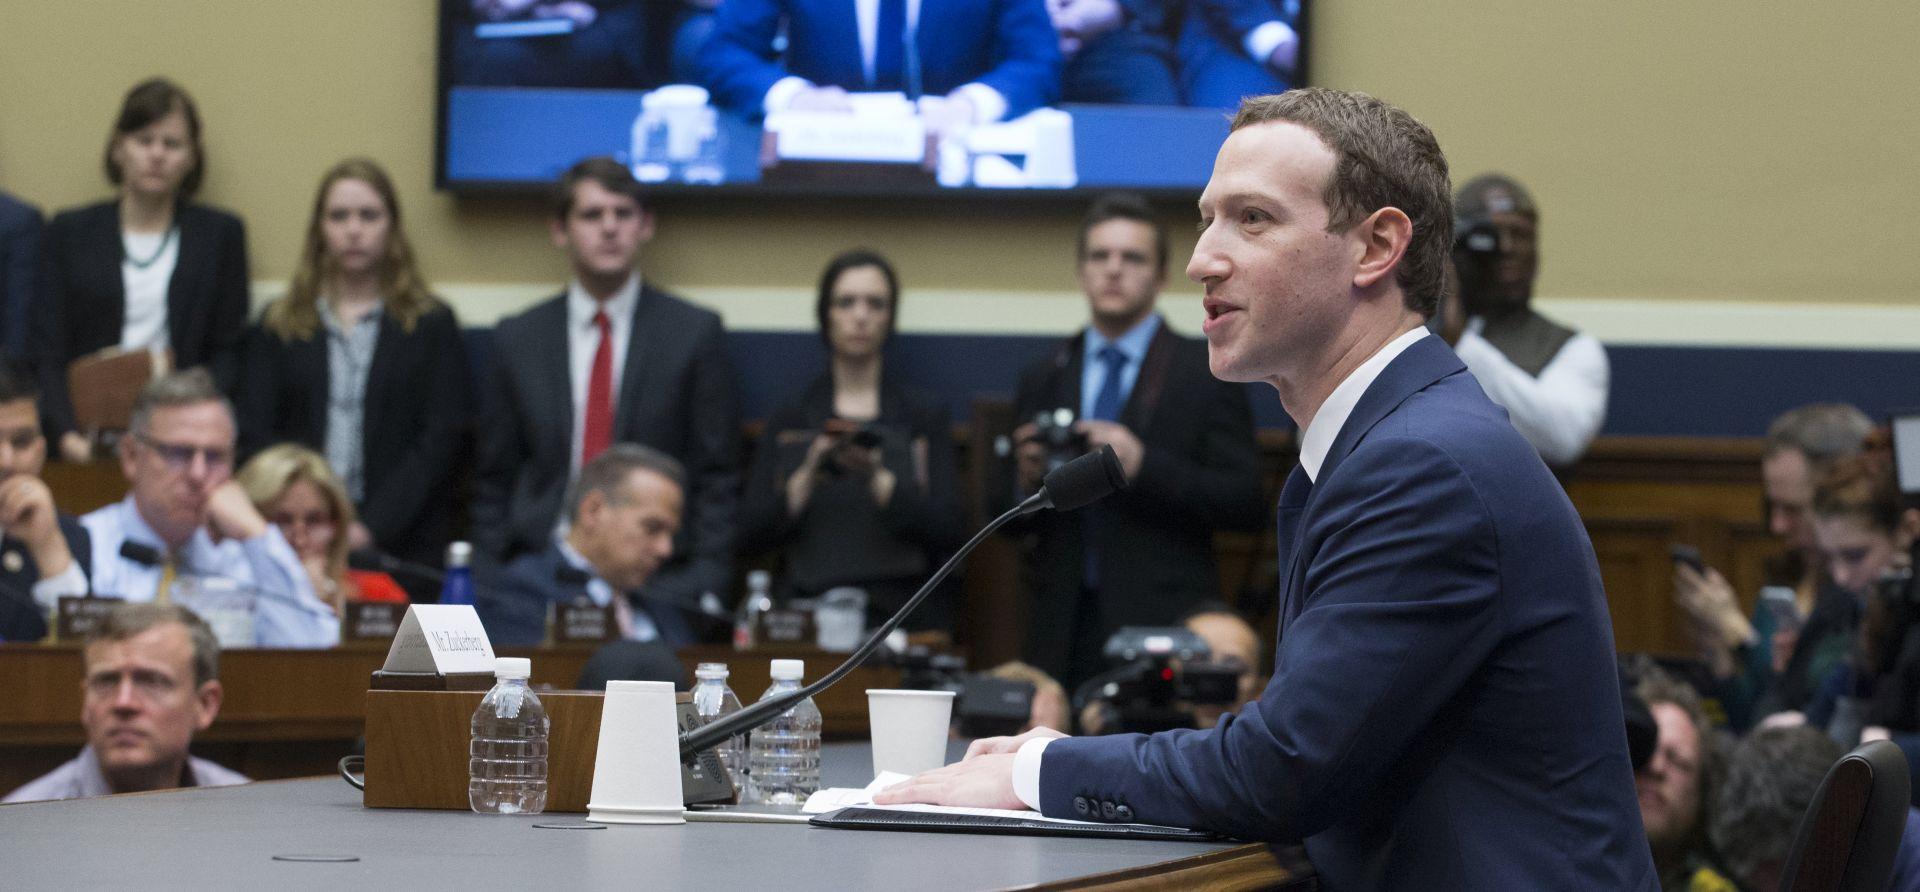 Zuckerberg večeras uživo pred Europskim parlamentom i javnosti